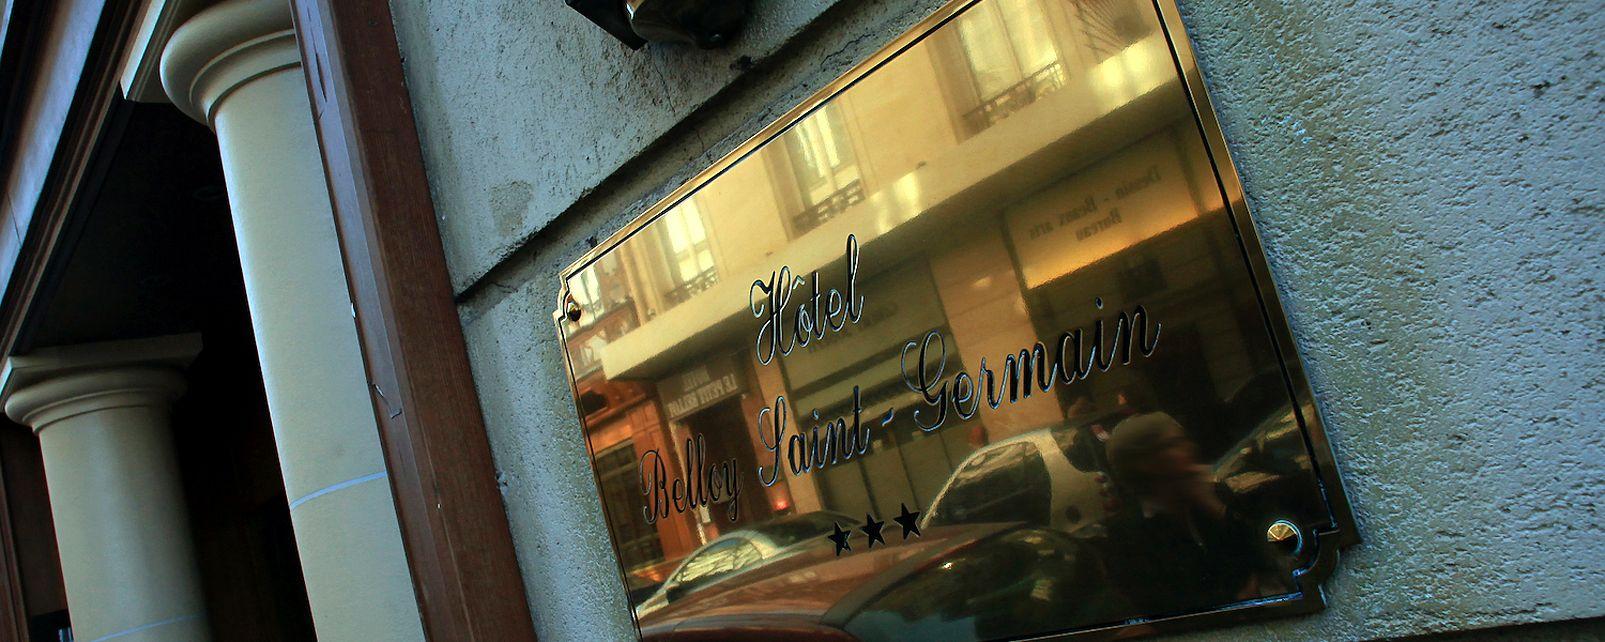 Hotel Best Western Belloy St Germain